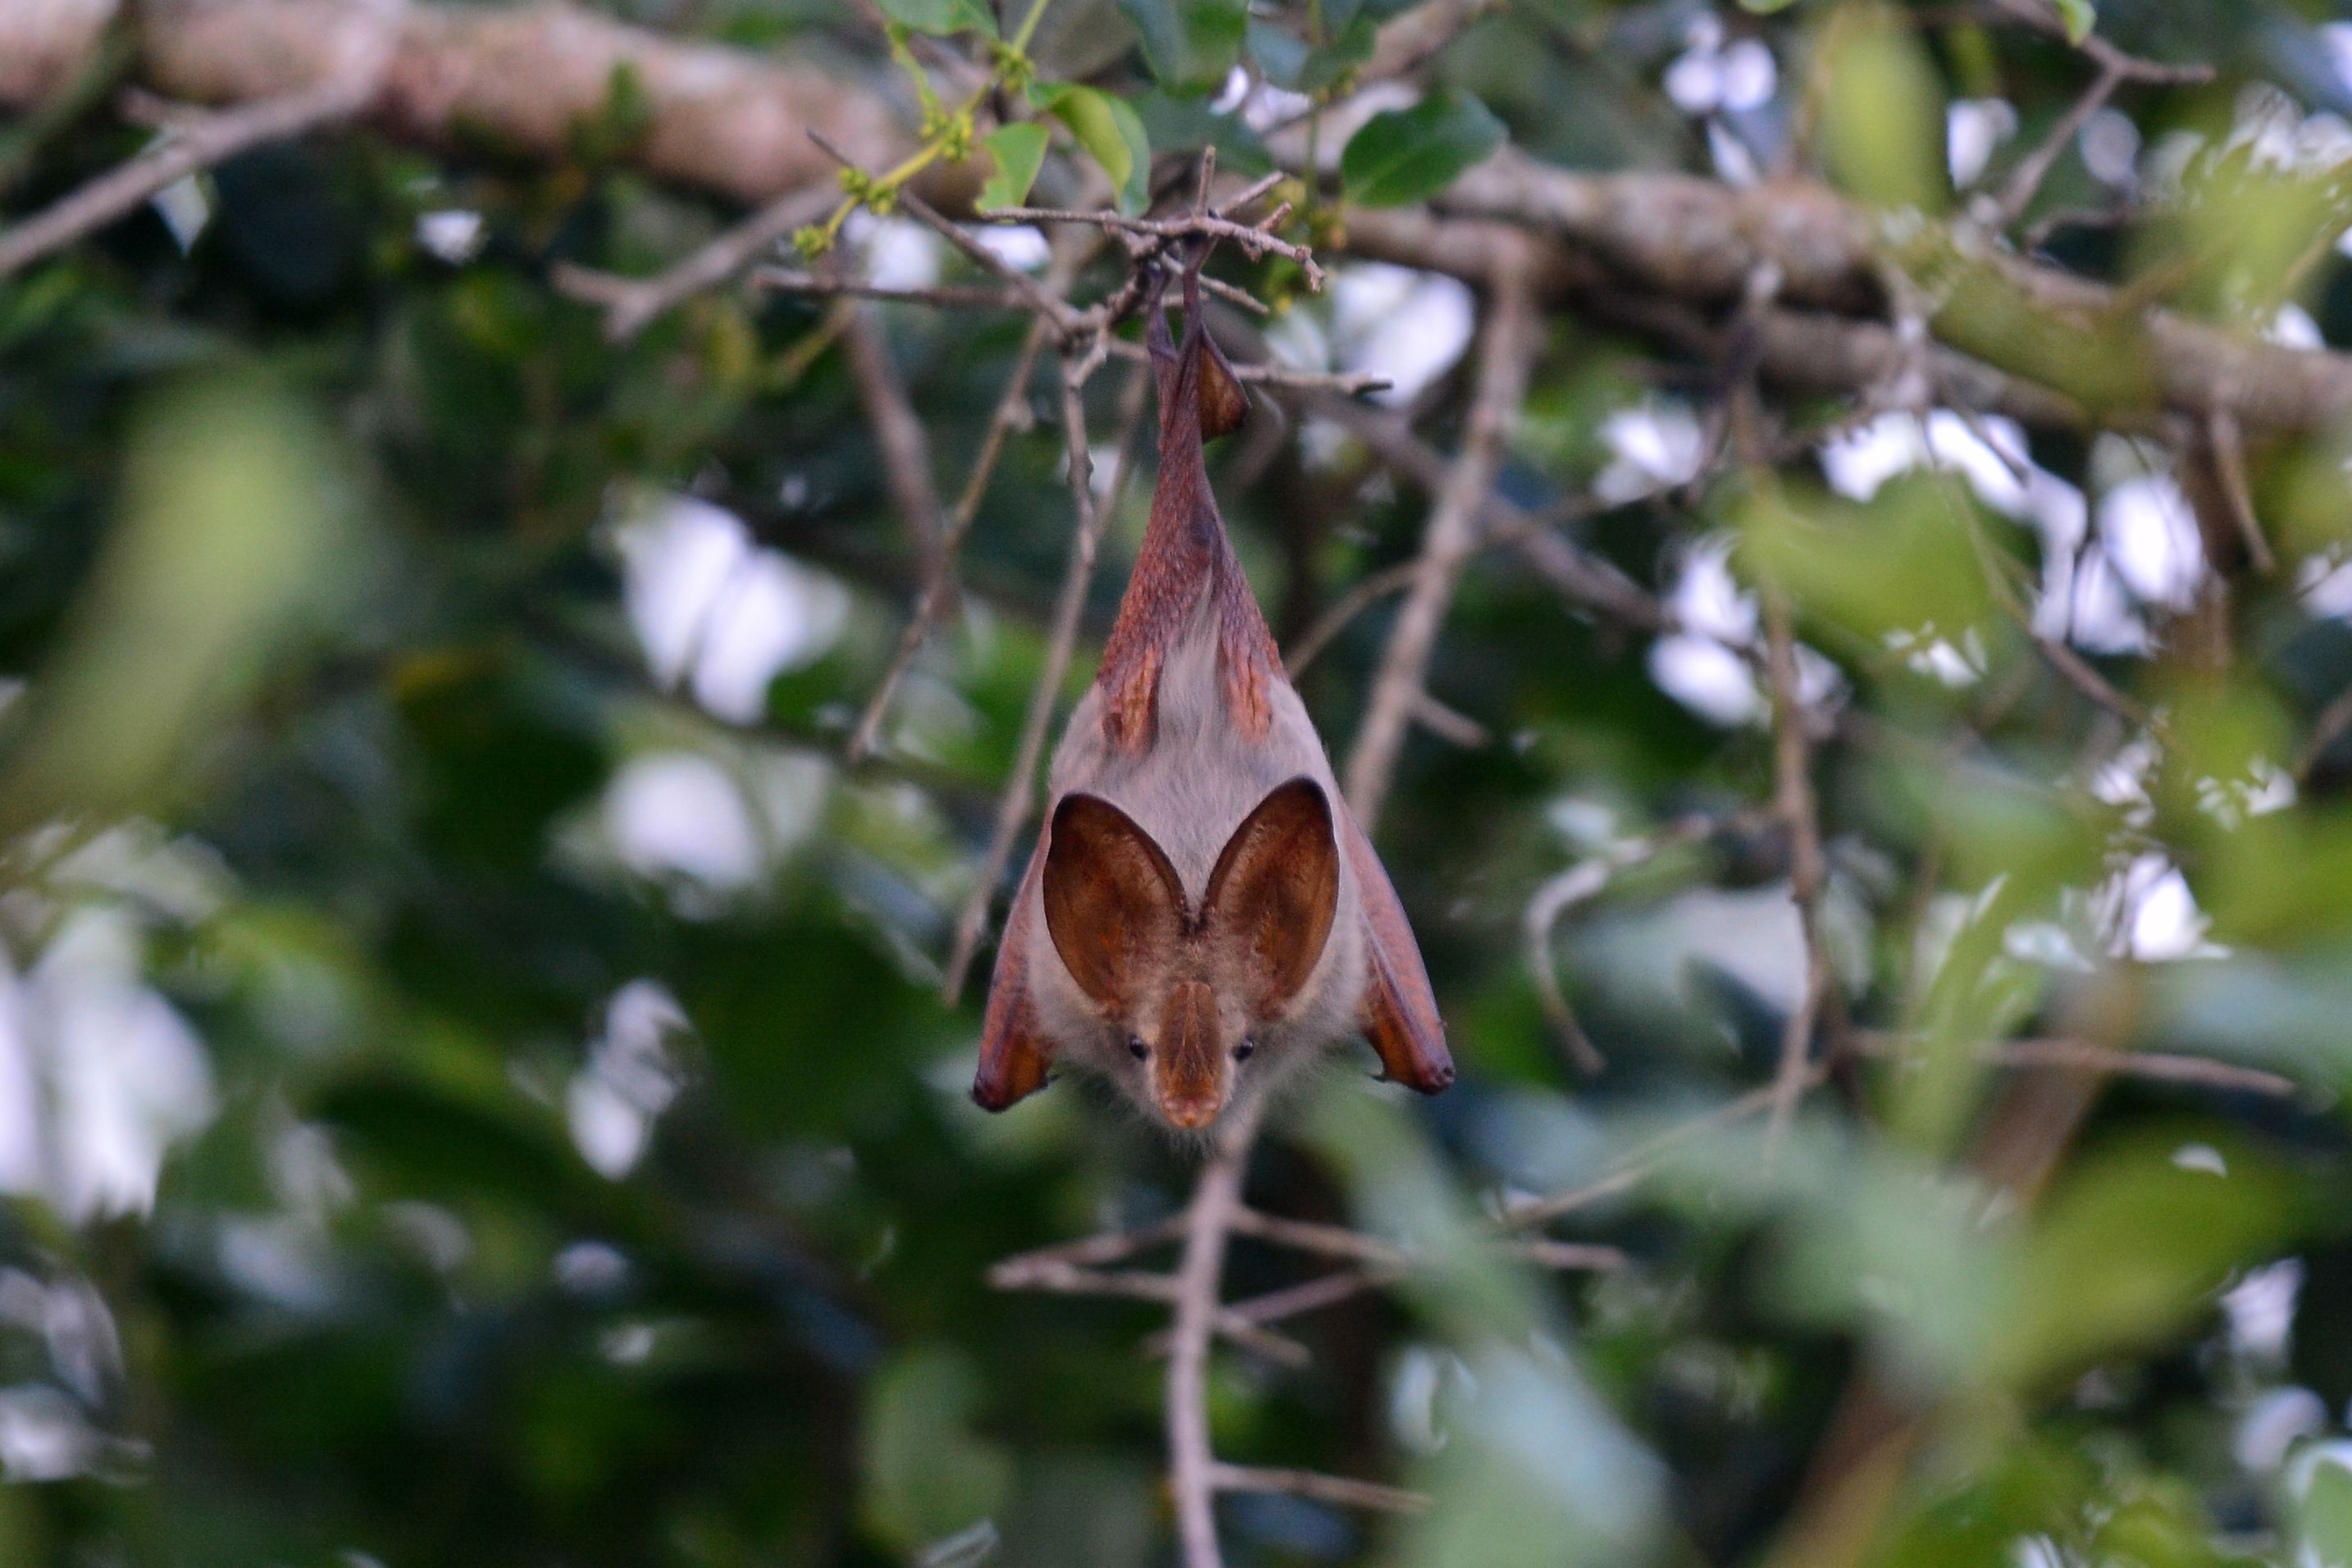 Bats are mammals, too.